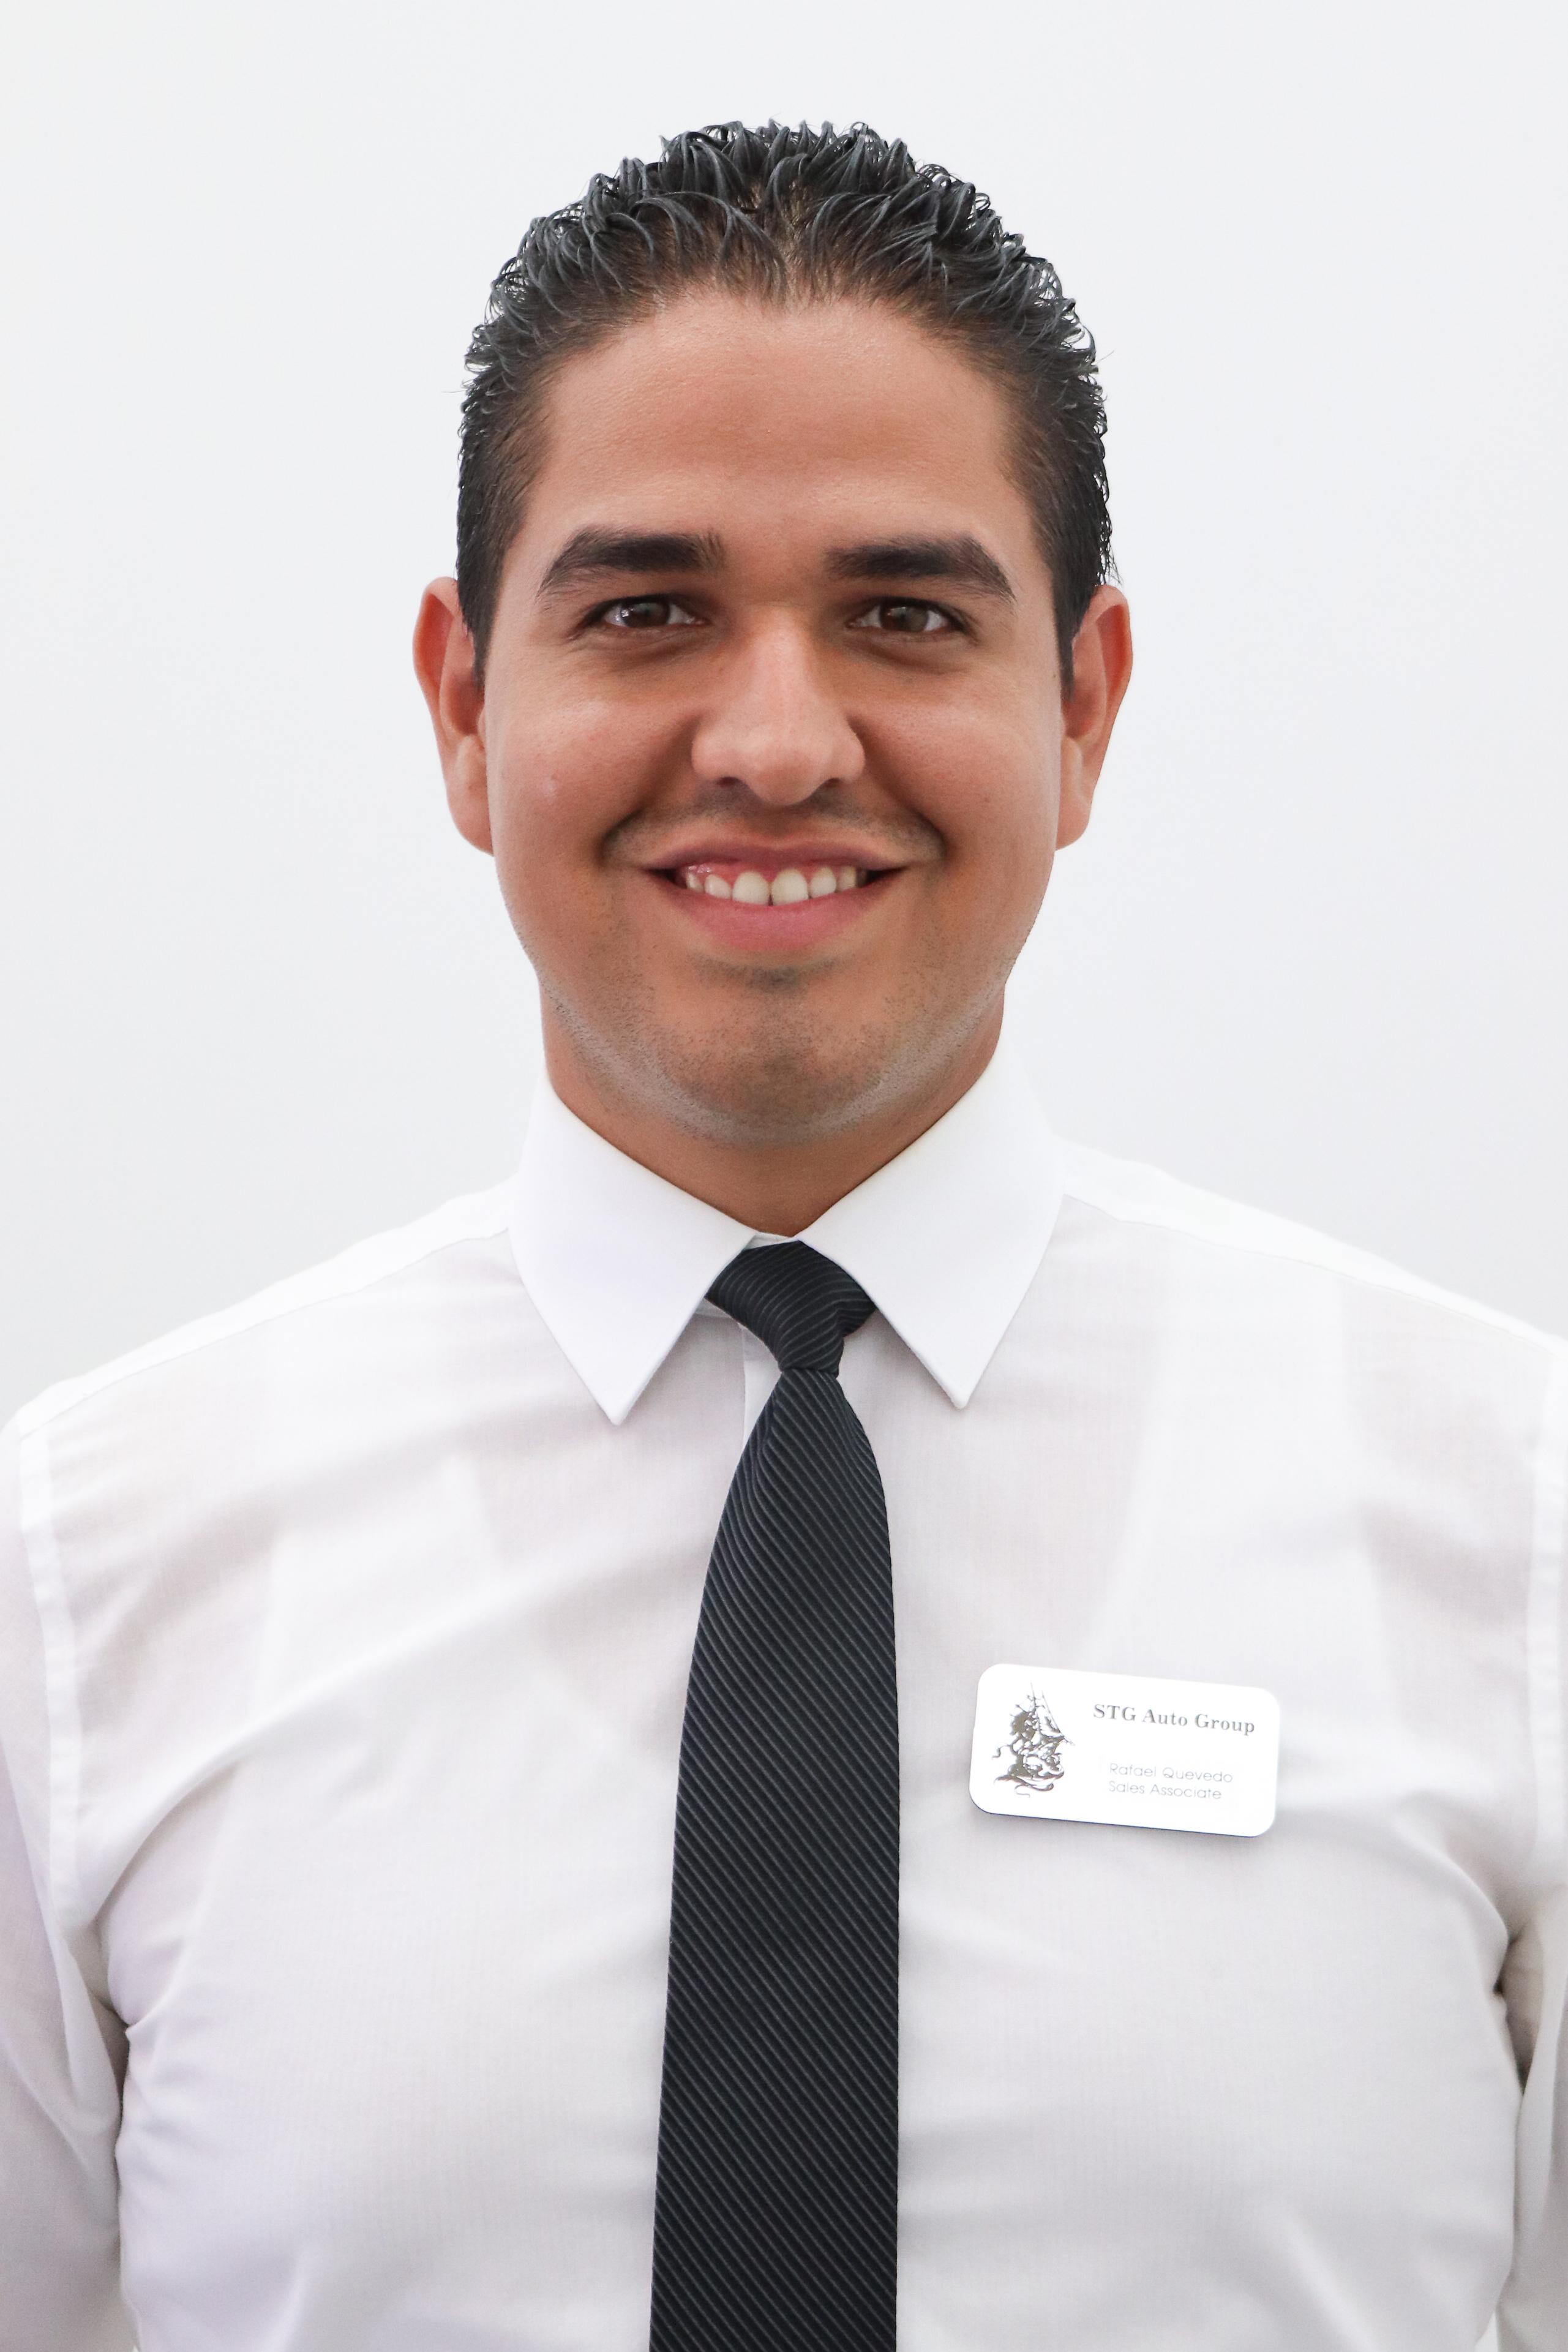 Rafael Quevedo Bio Image